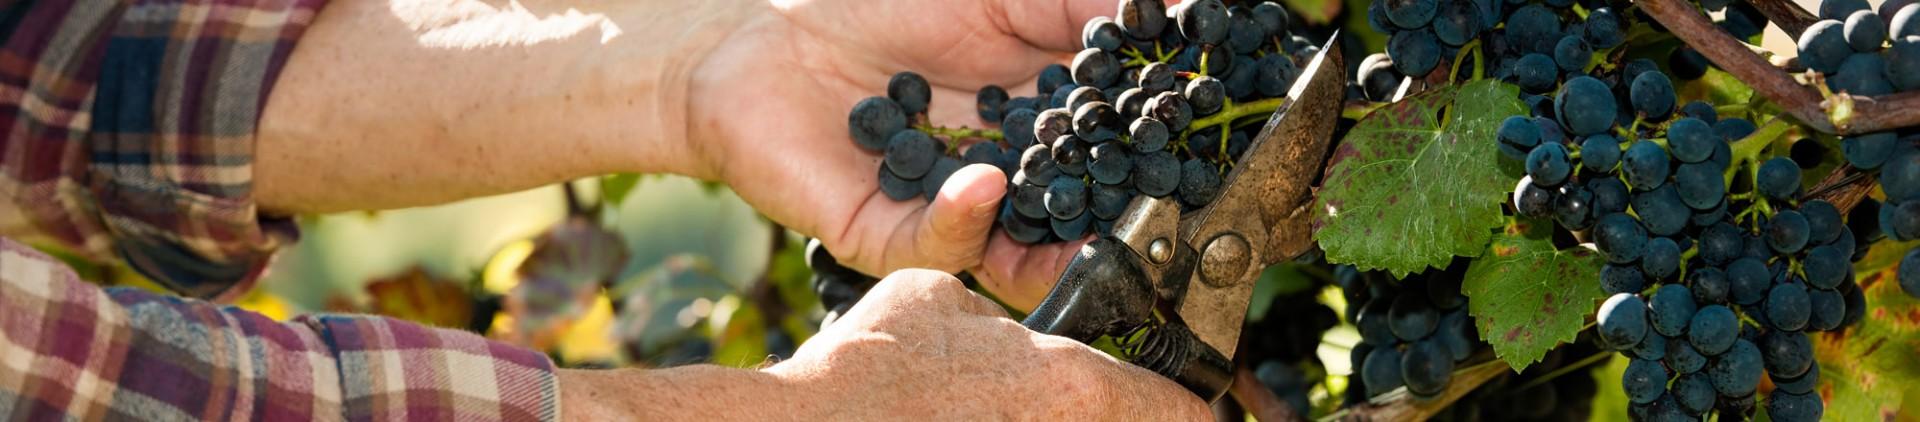 Les producteurs - Route du vin en province de Liège